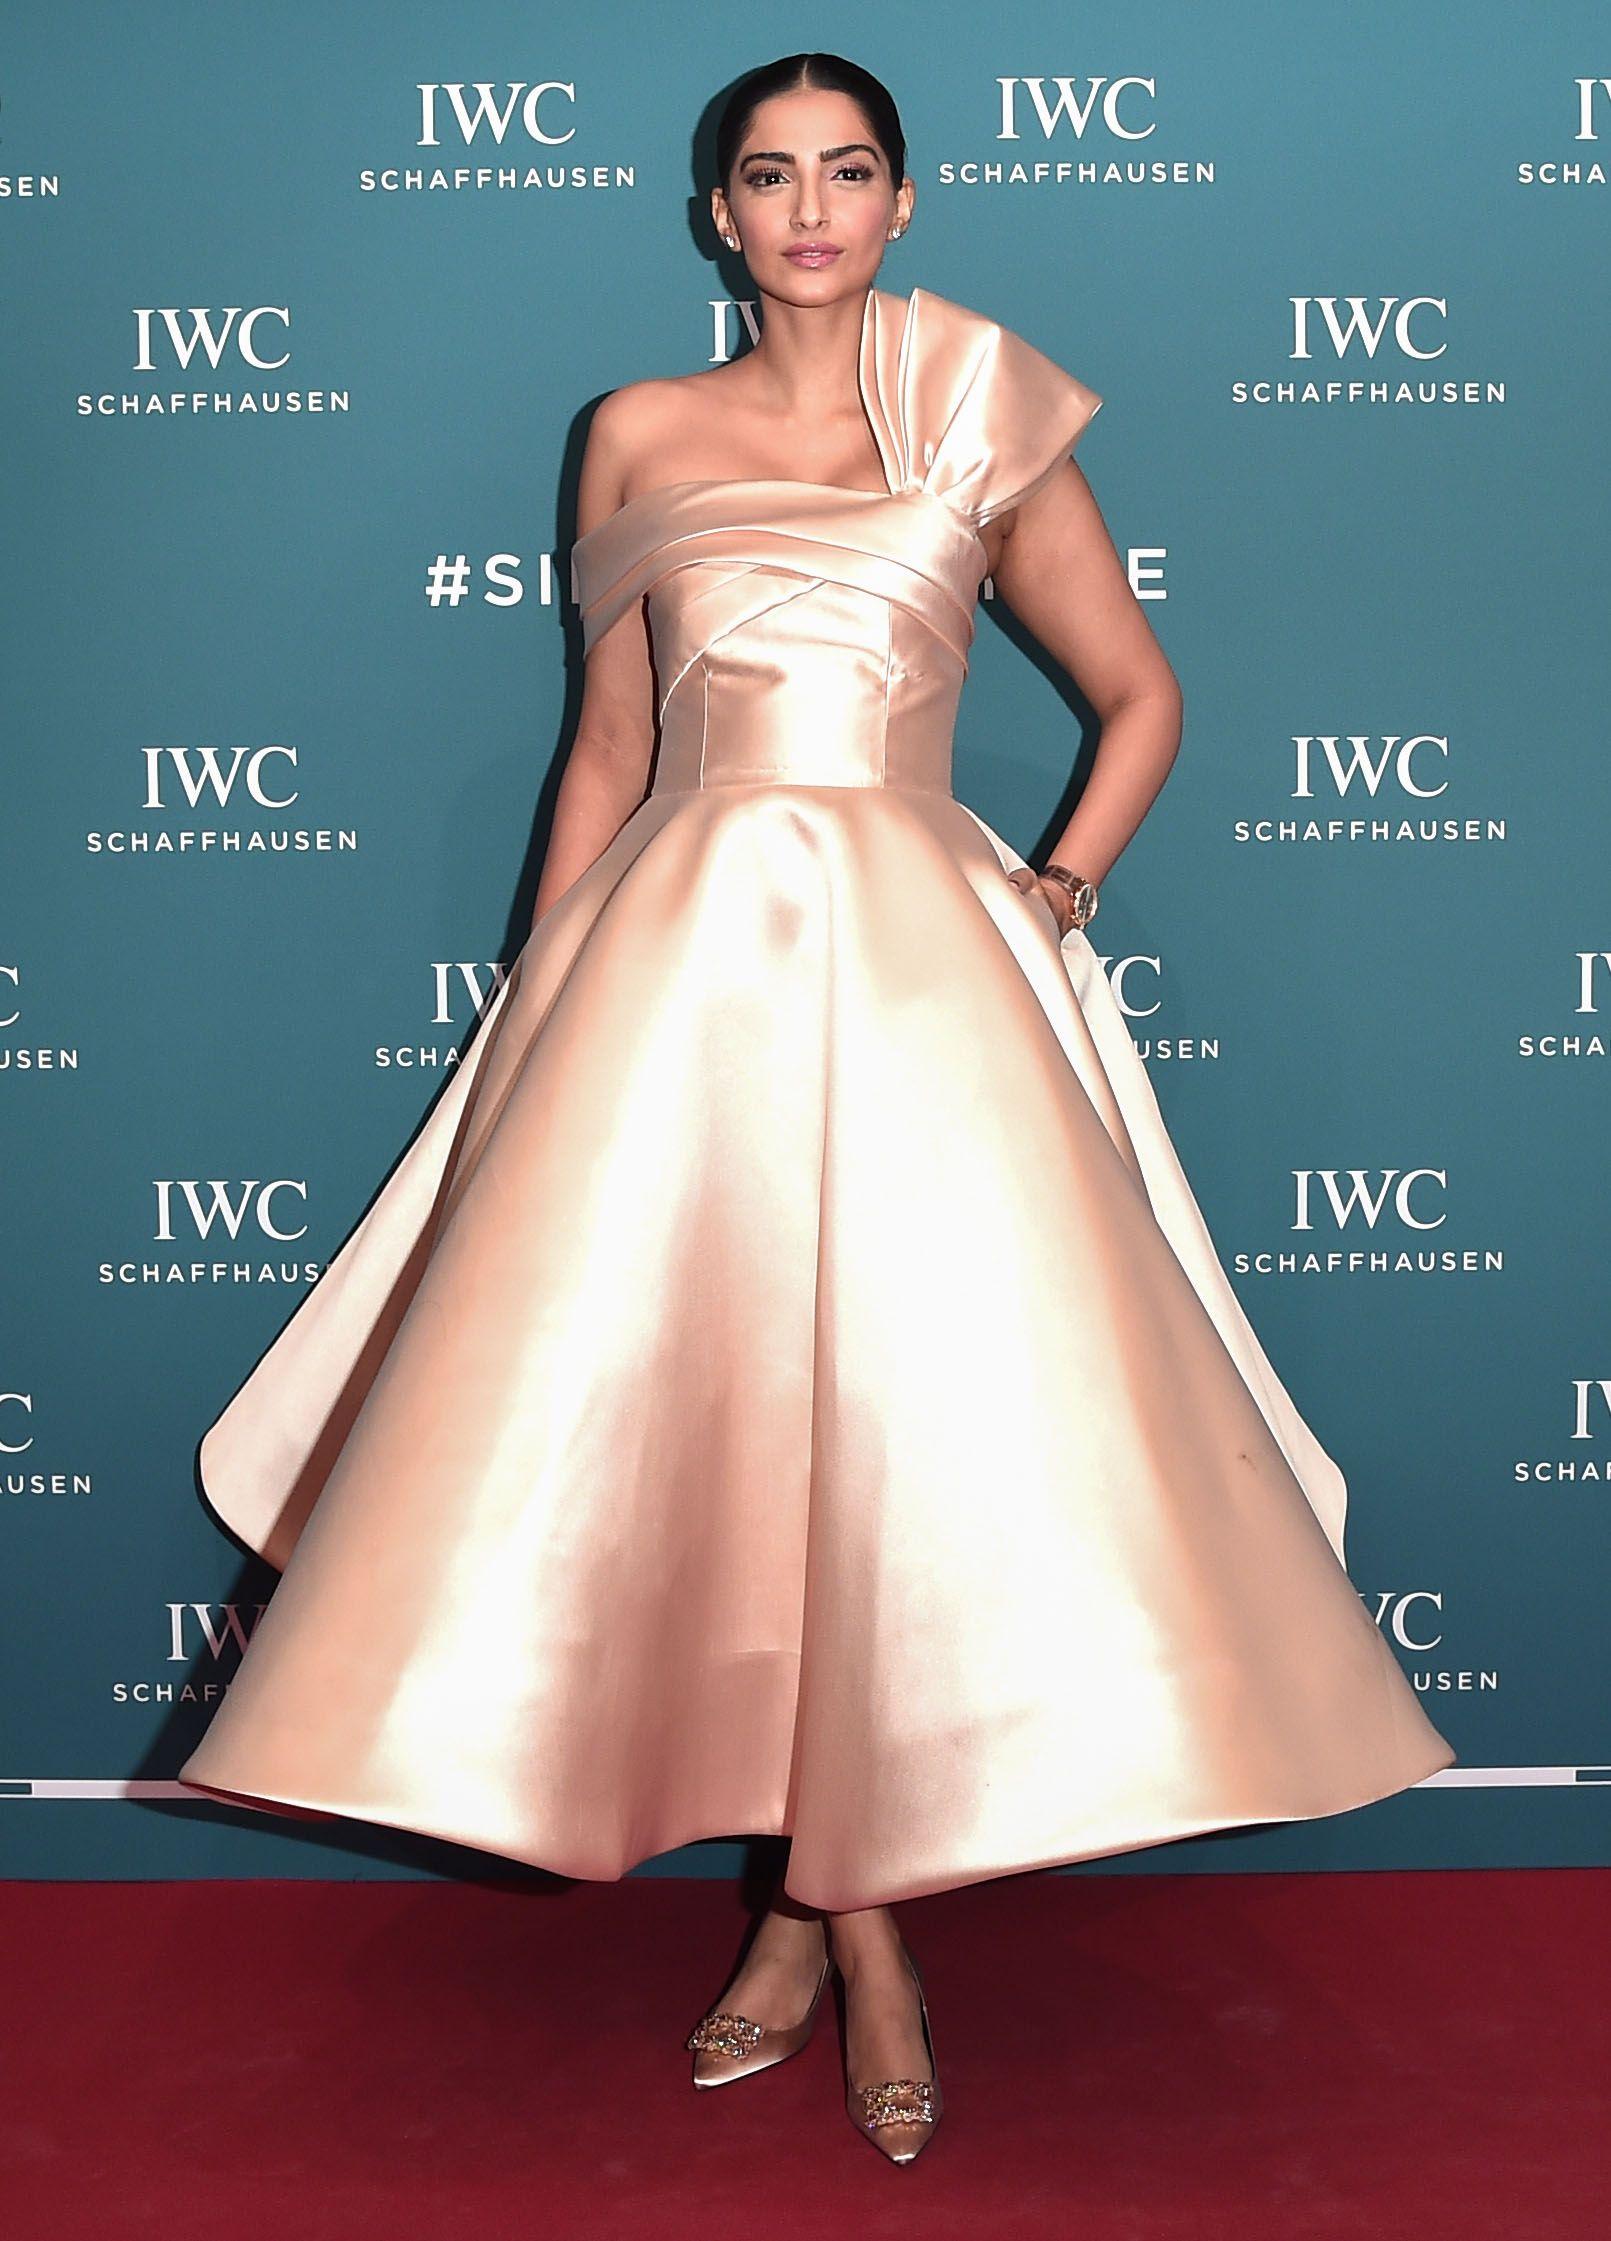 فستان فاخر مستوحى من الخمسينات اختارته سونام كابور